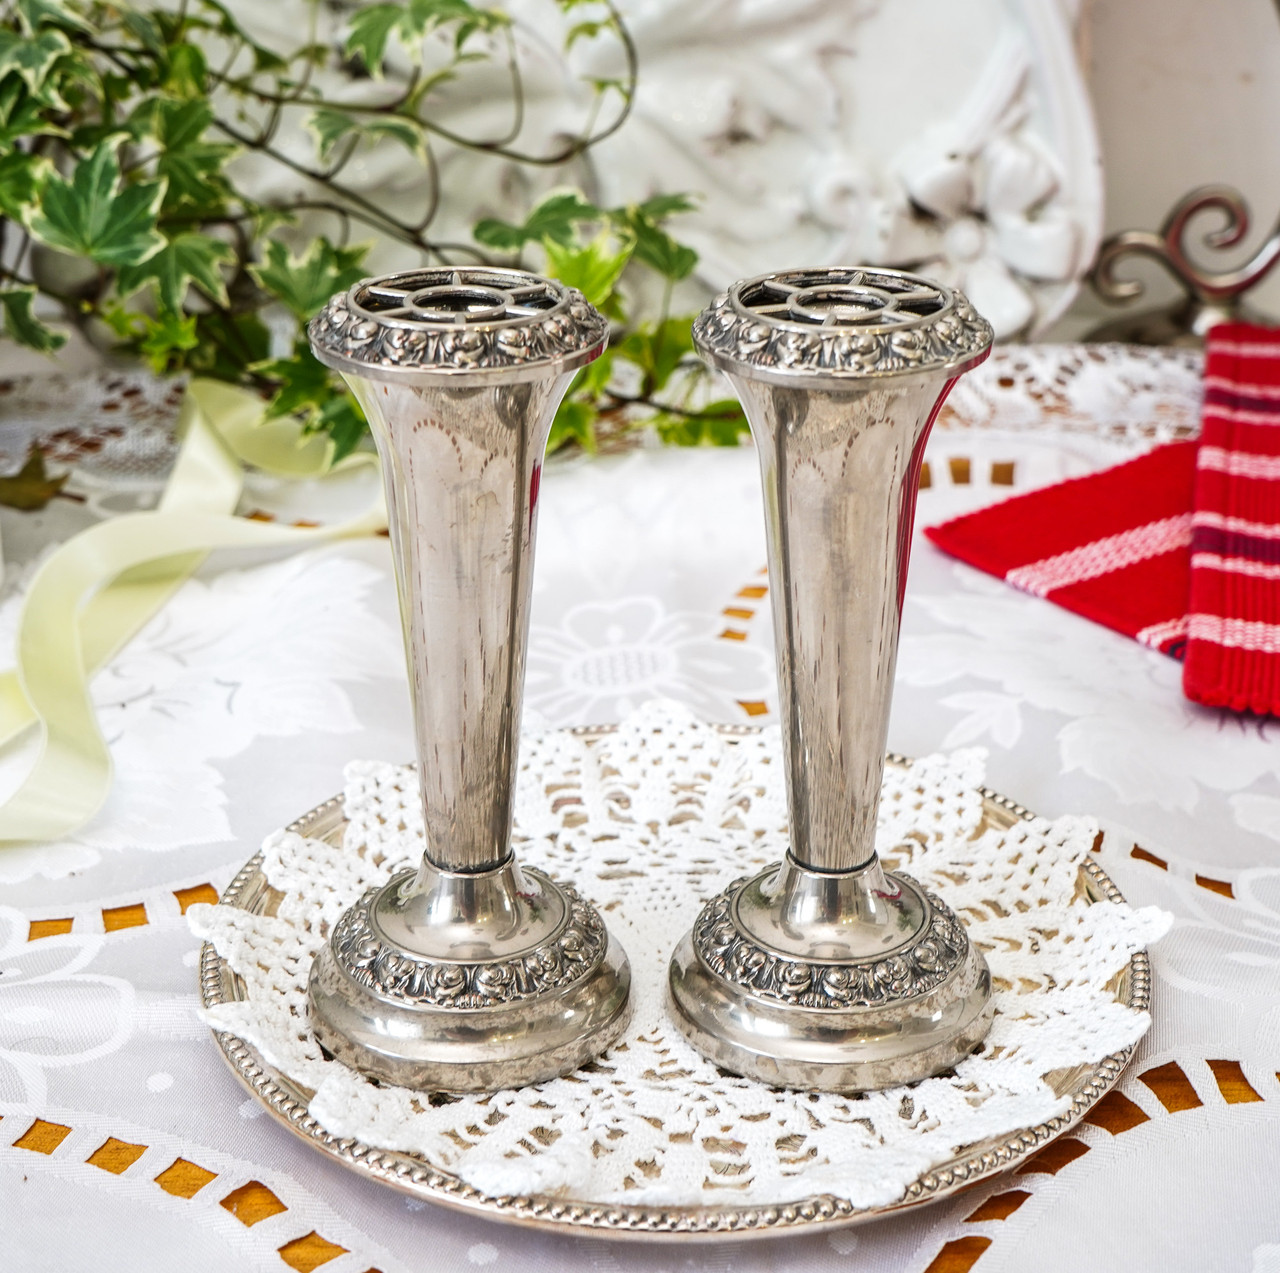 Посеребренные фрог вазочки, парные вазы, серебрение по меди, Англия, винтаж,  Ianthe, Silver Plate